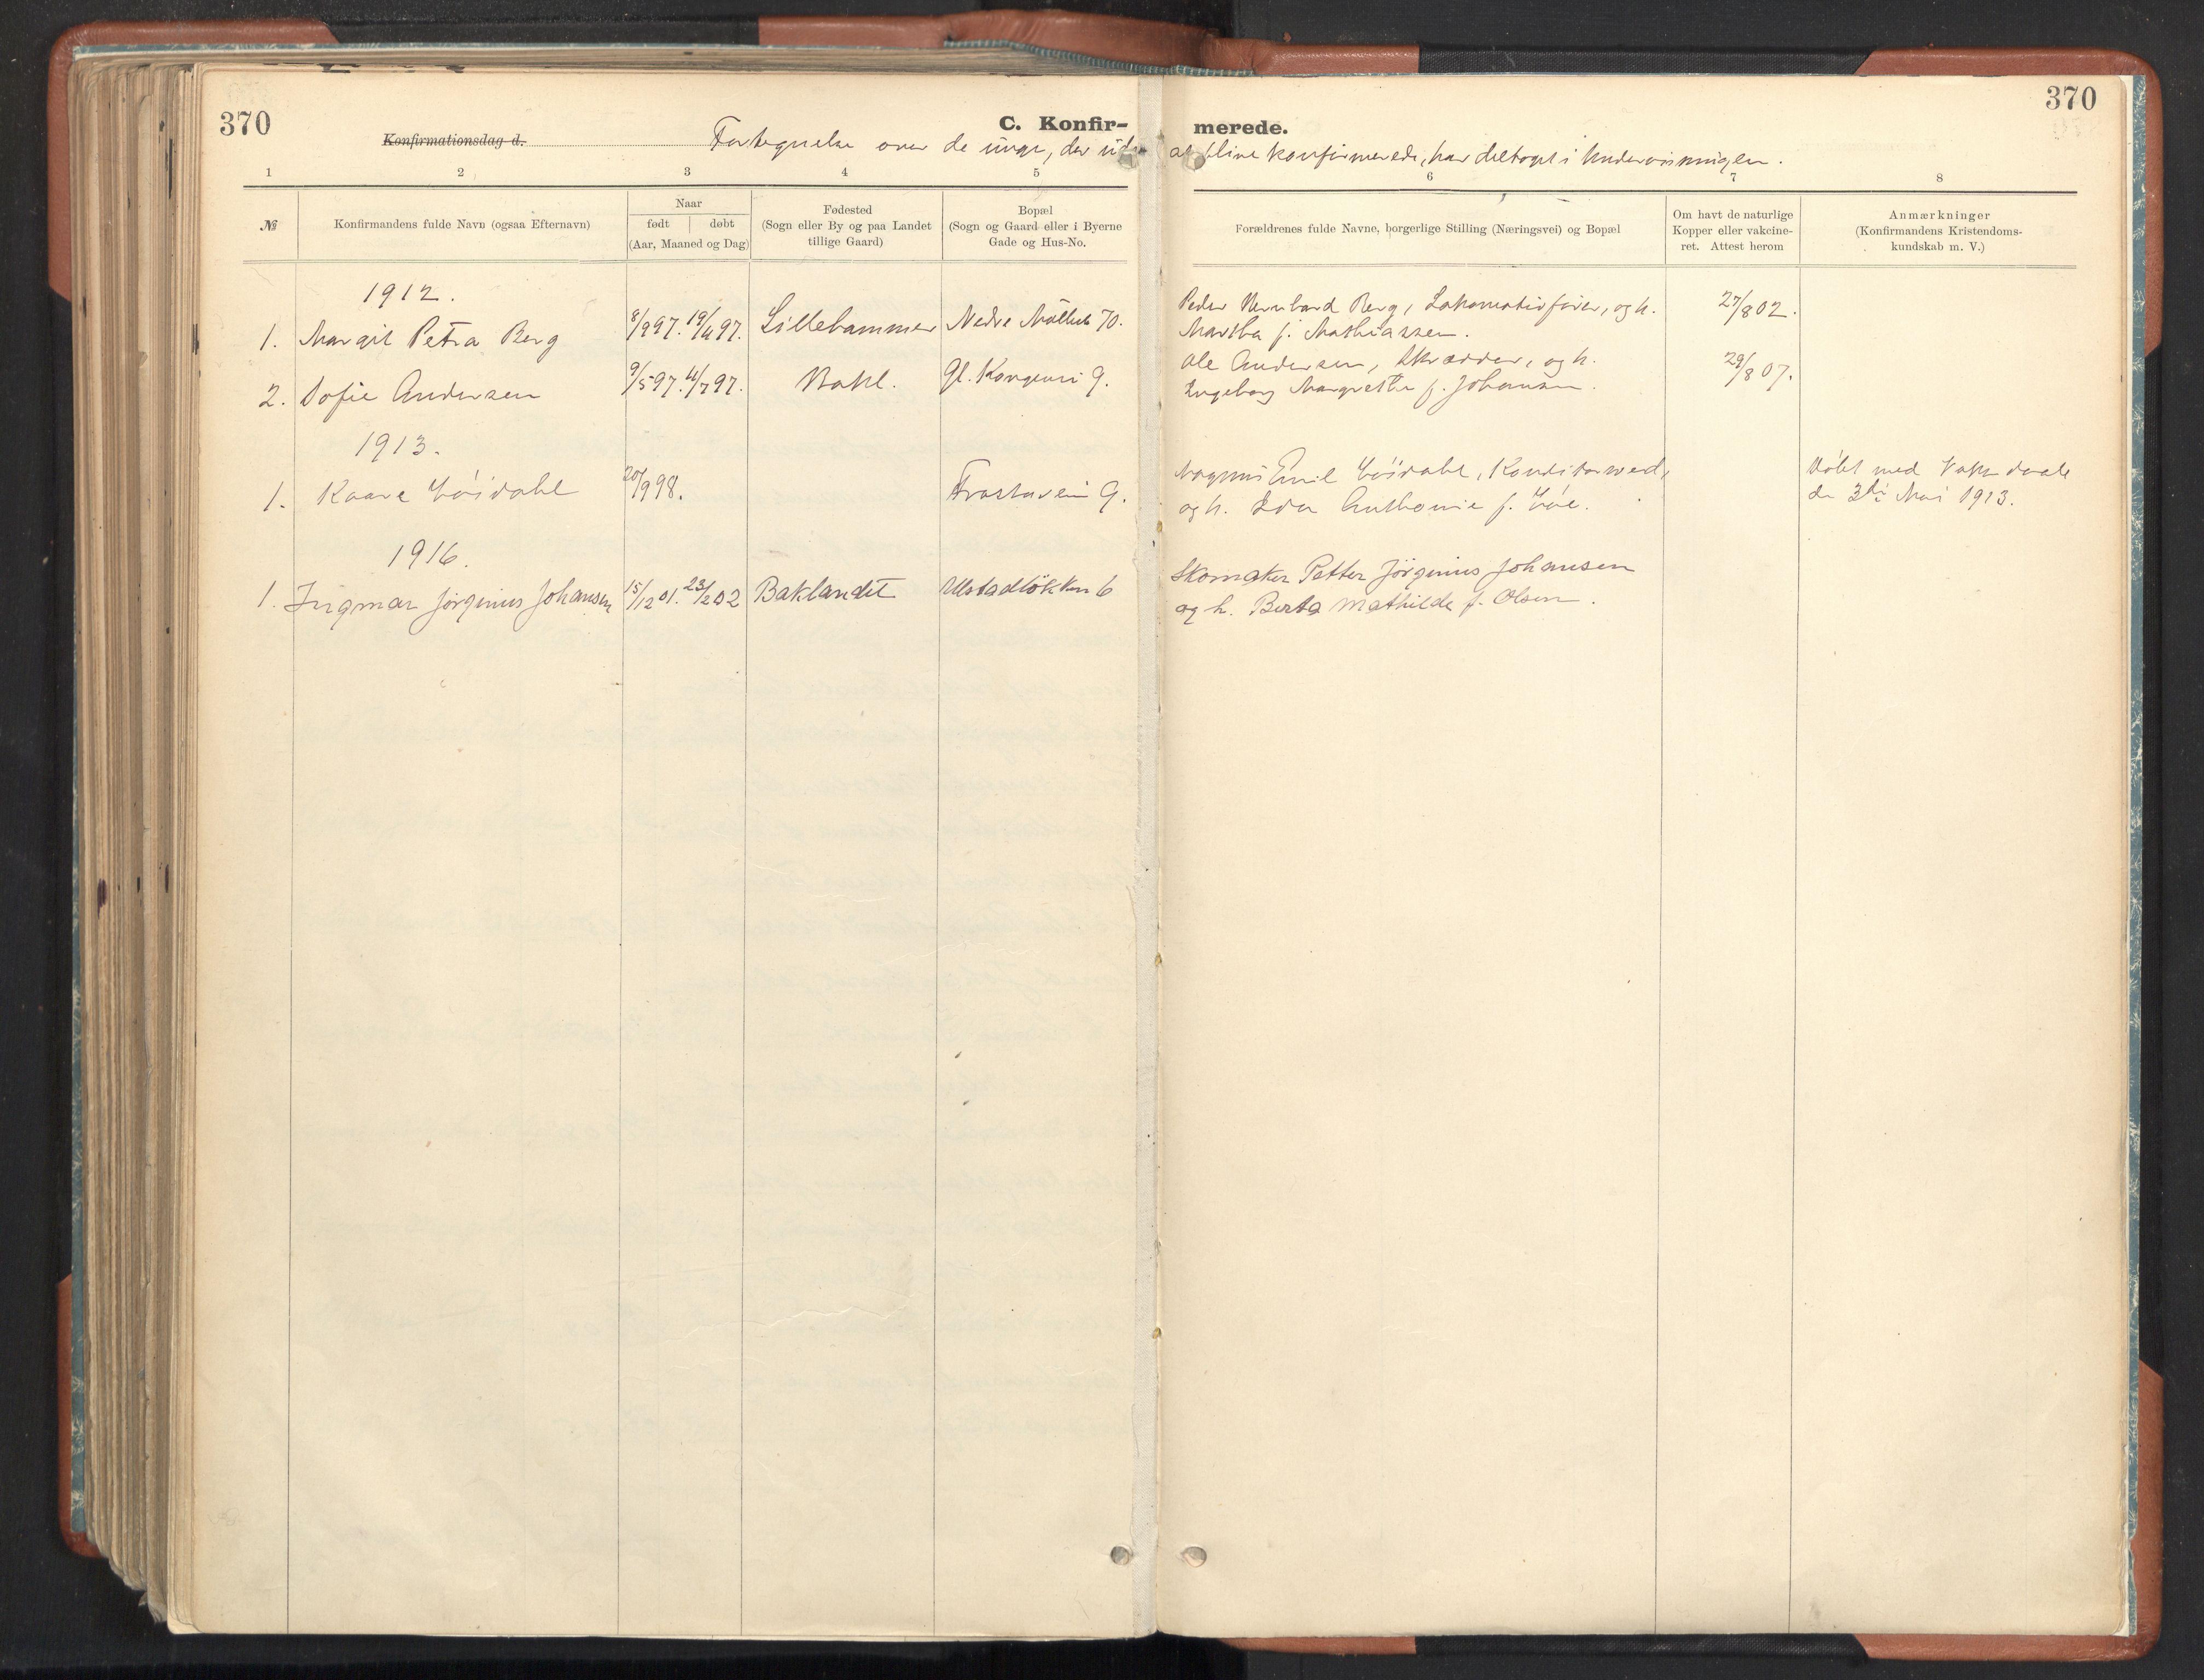 SAT, Ministerialprotokoller, klokkerbøker og fødselsregistre - Sør-Trøndelag, 605/L0243: Ministerialbok nr. 605A05, 1908-1923, s. 370